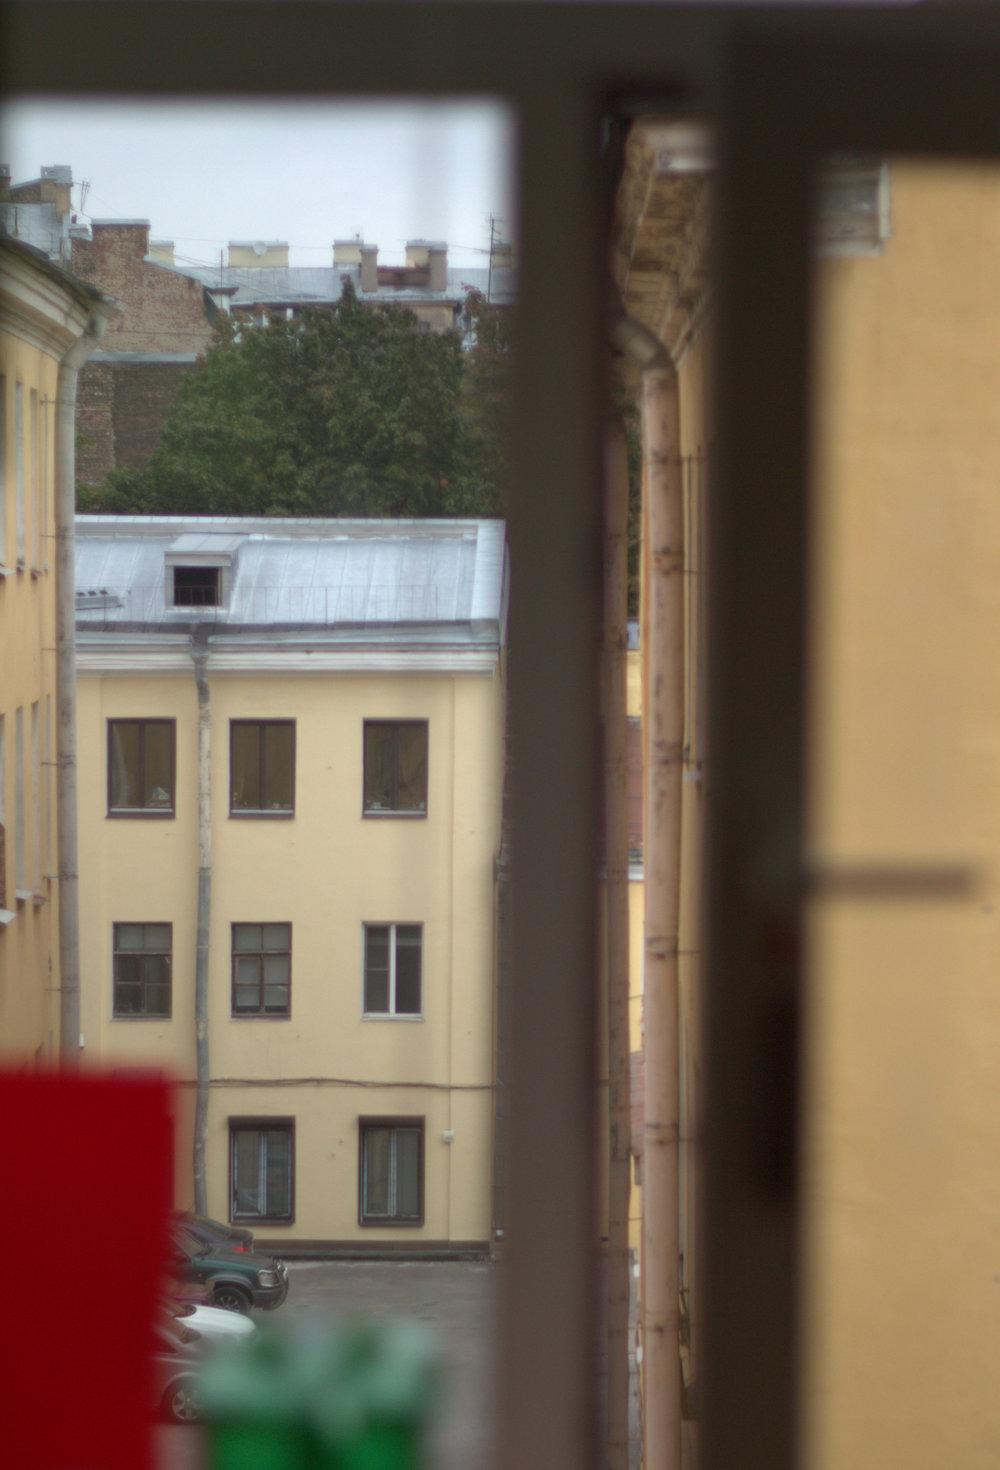 La ventana ya despojada. San Petersburgo, Rusia - Septiembre 2014